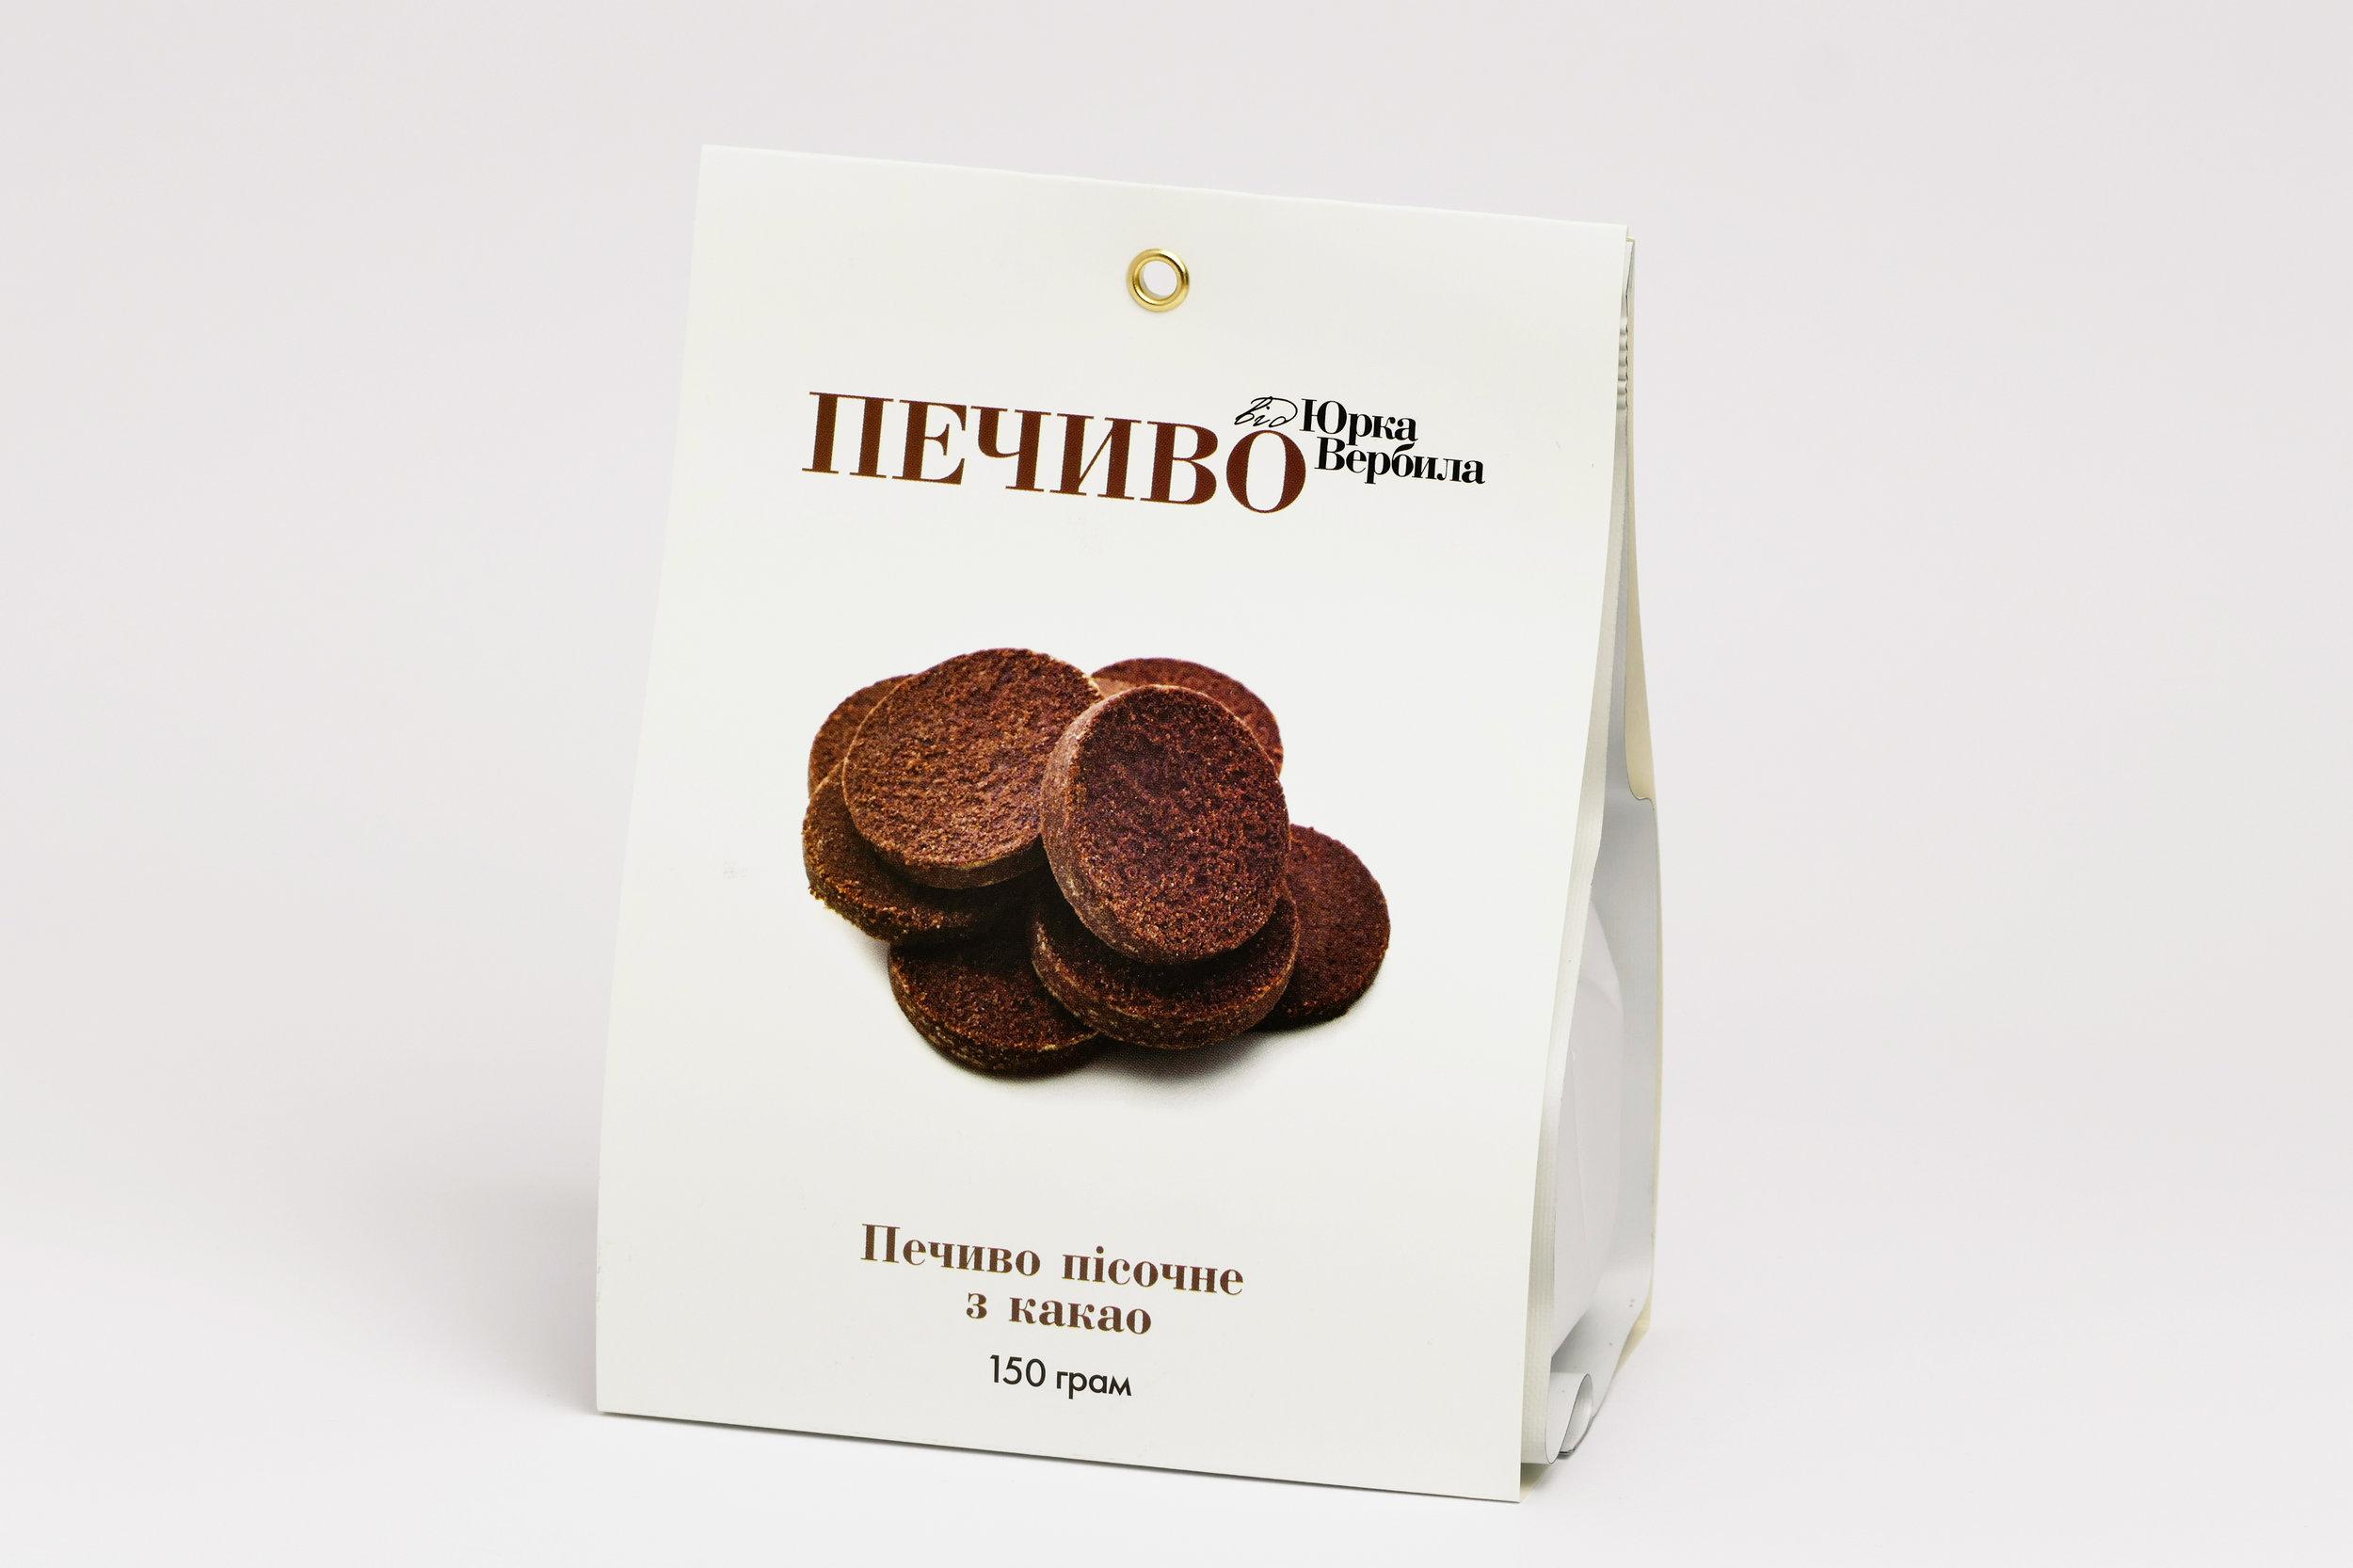 Печиво пісочне з какао